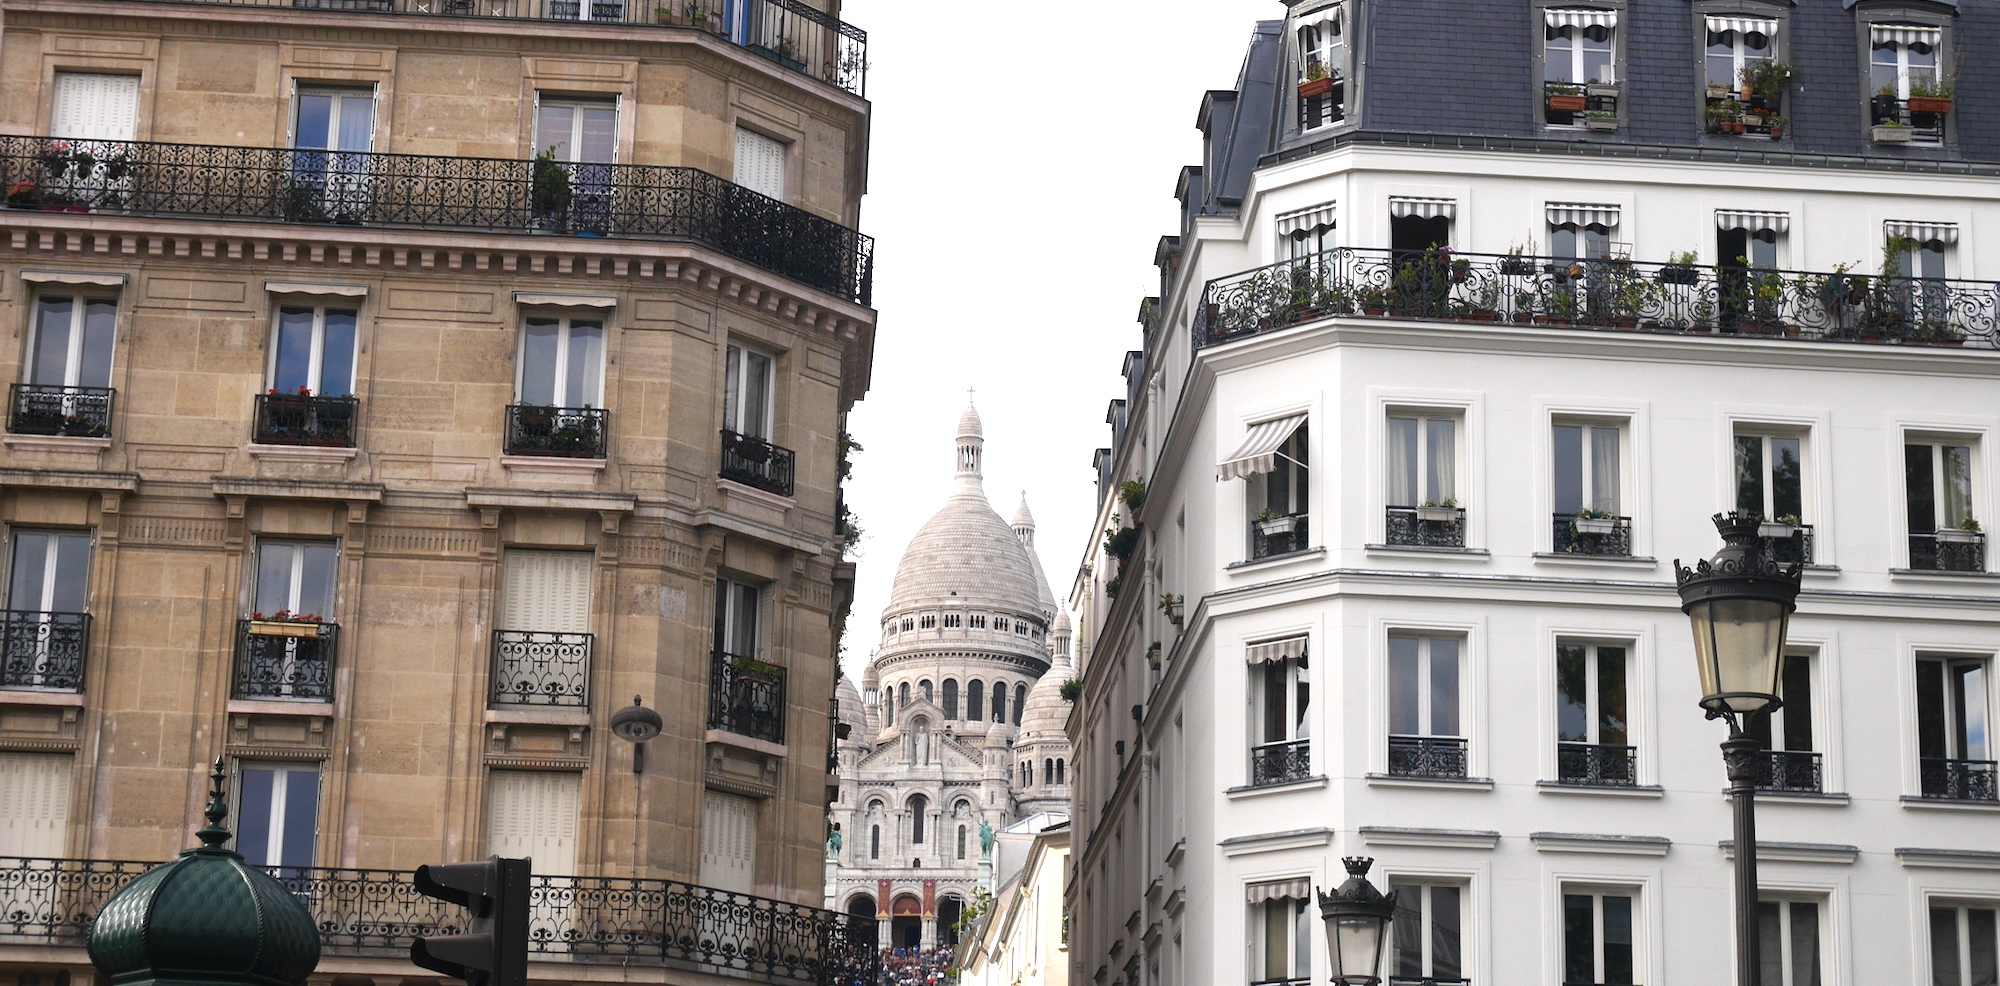 Goedkoop weekend naar parijs budget tips